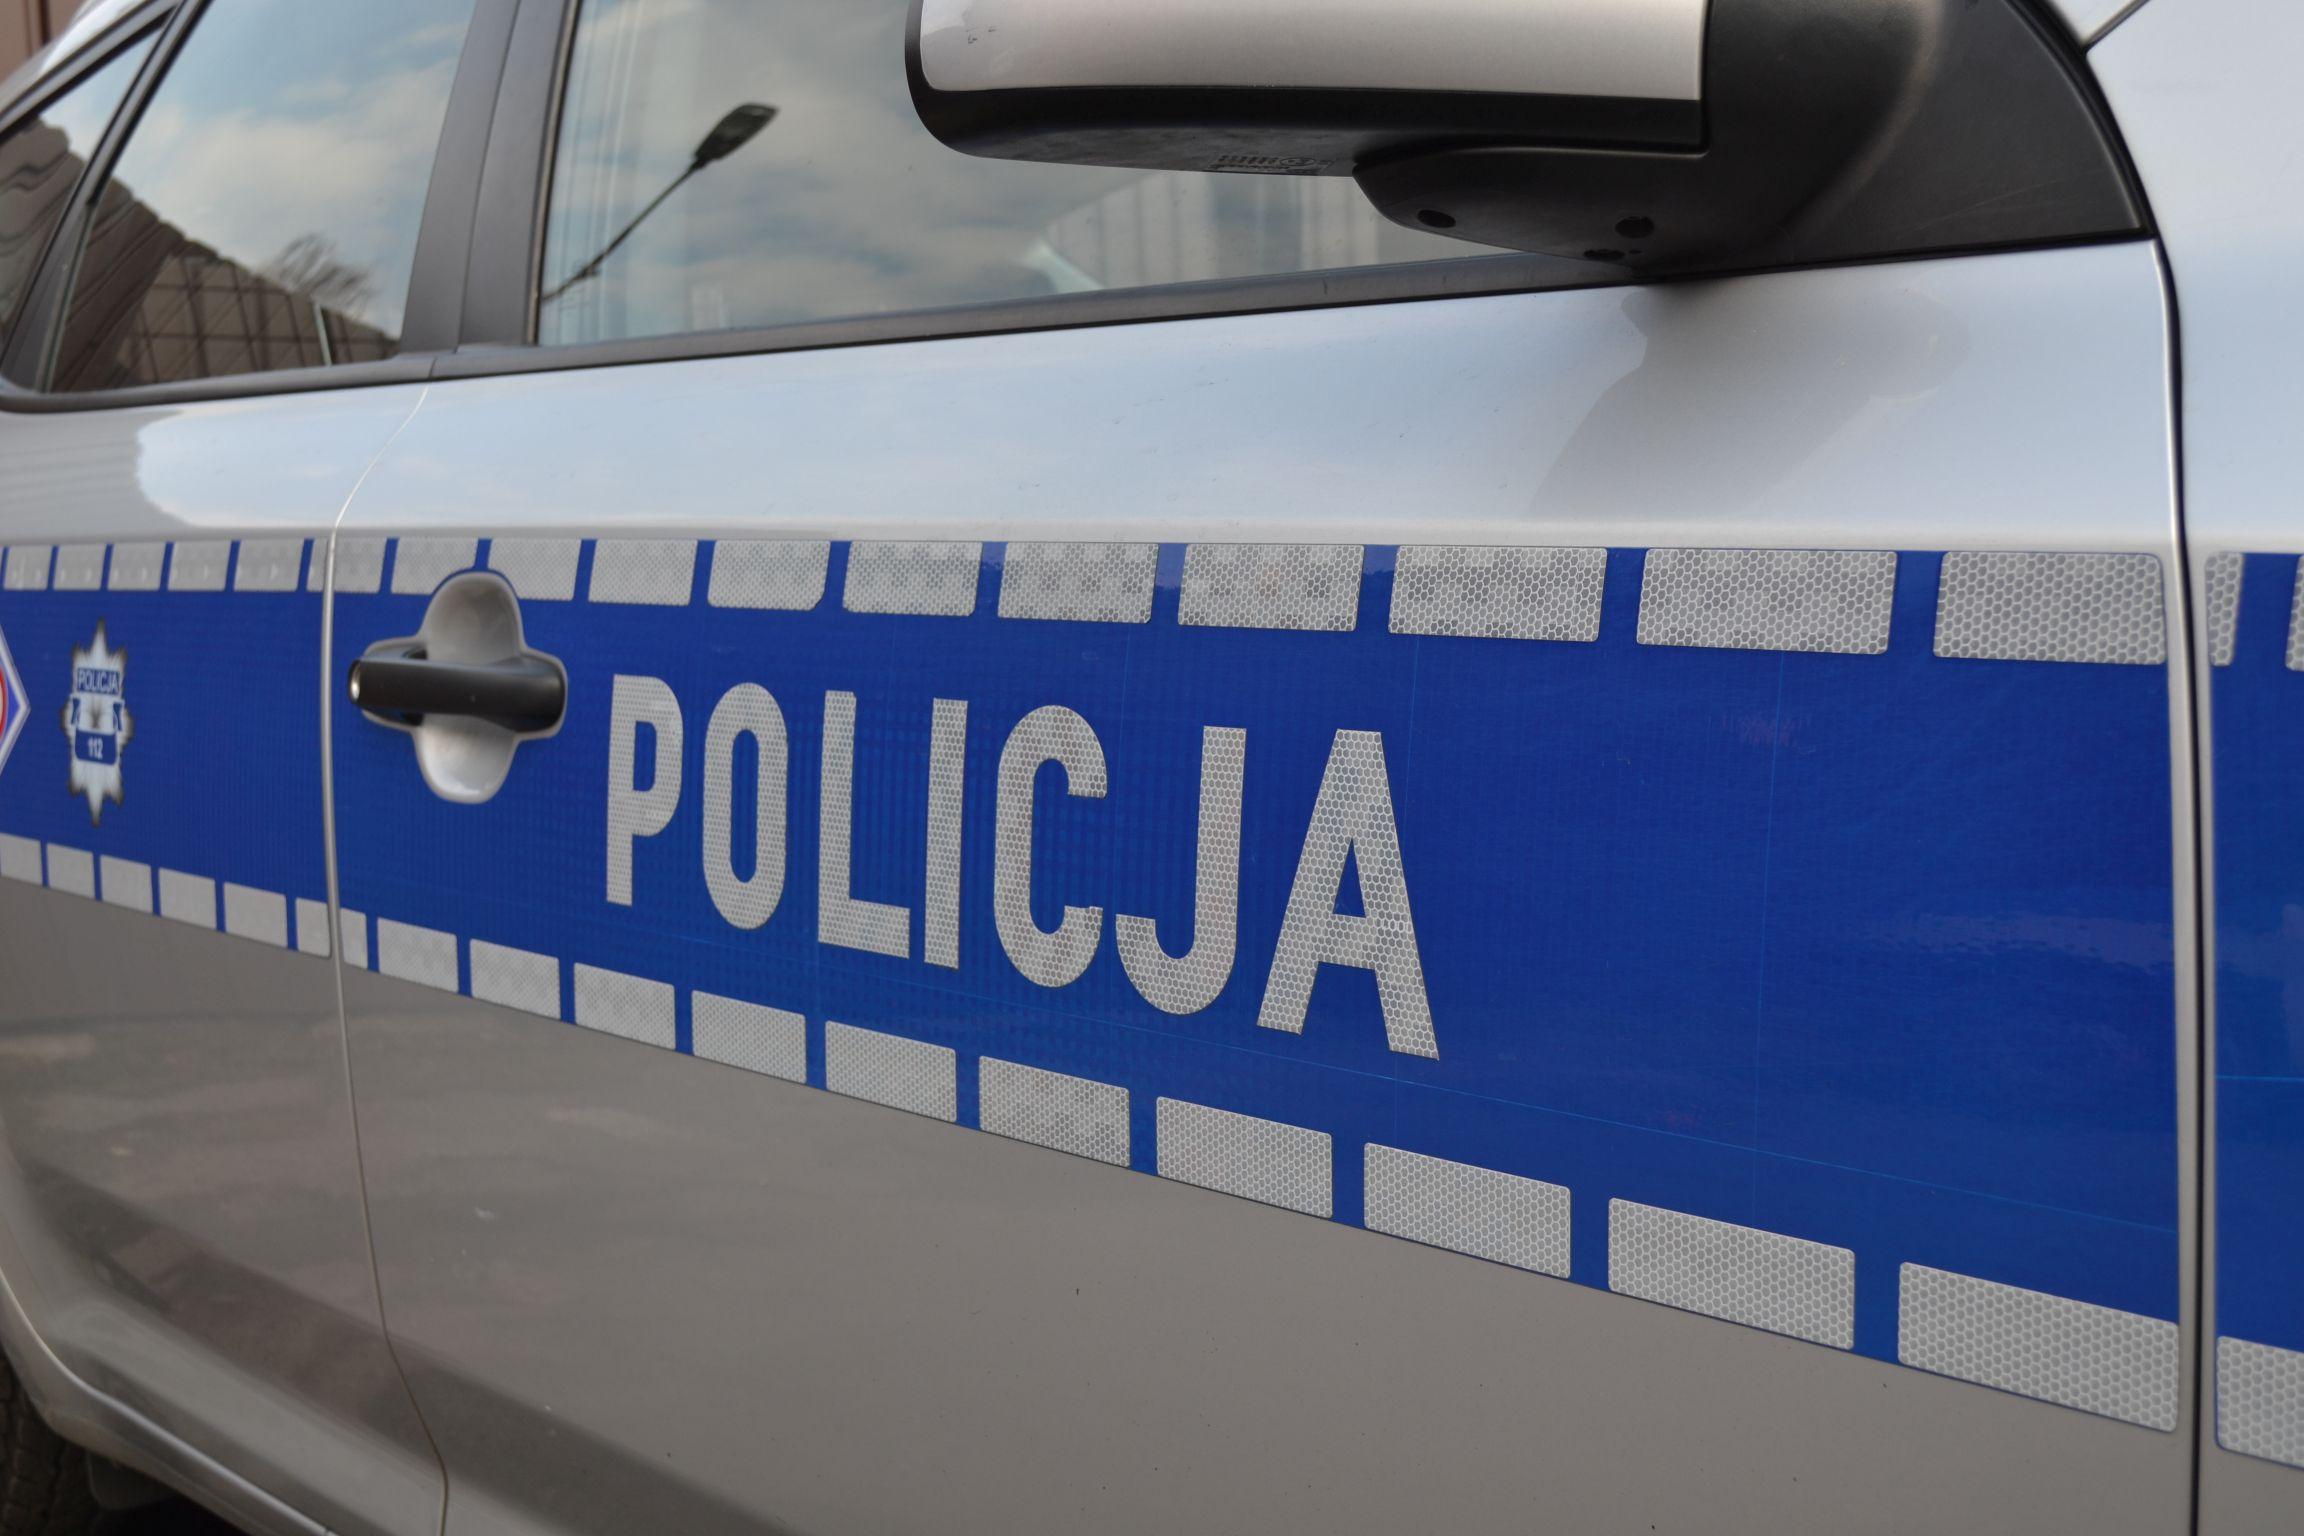 Pijany sprawca kolizji drogowej zatrzymany dzięki wzorowej postawie świadka